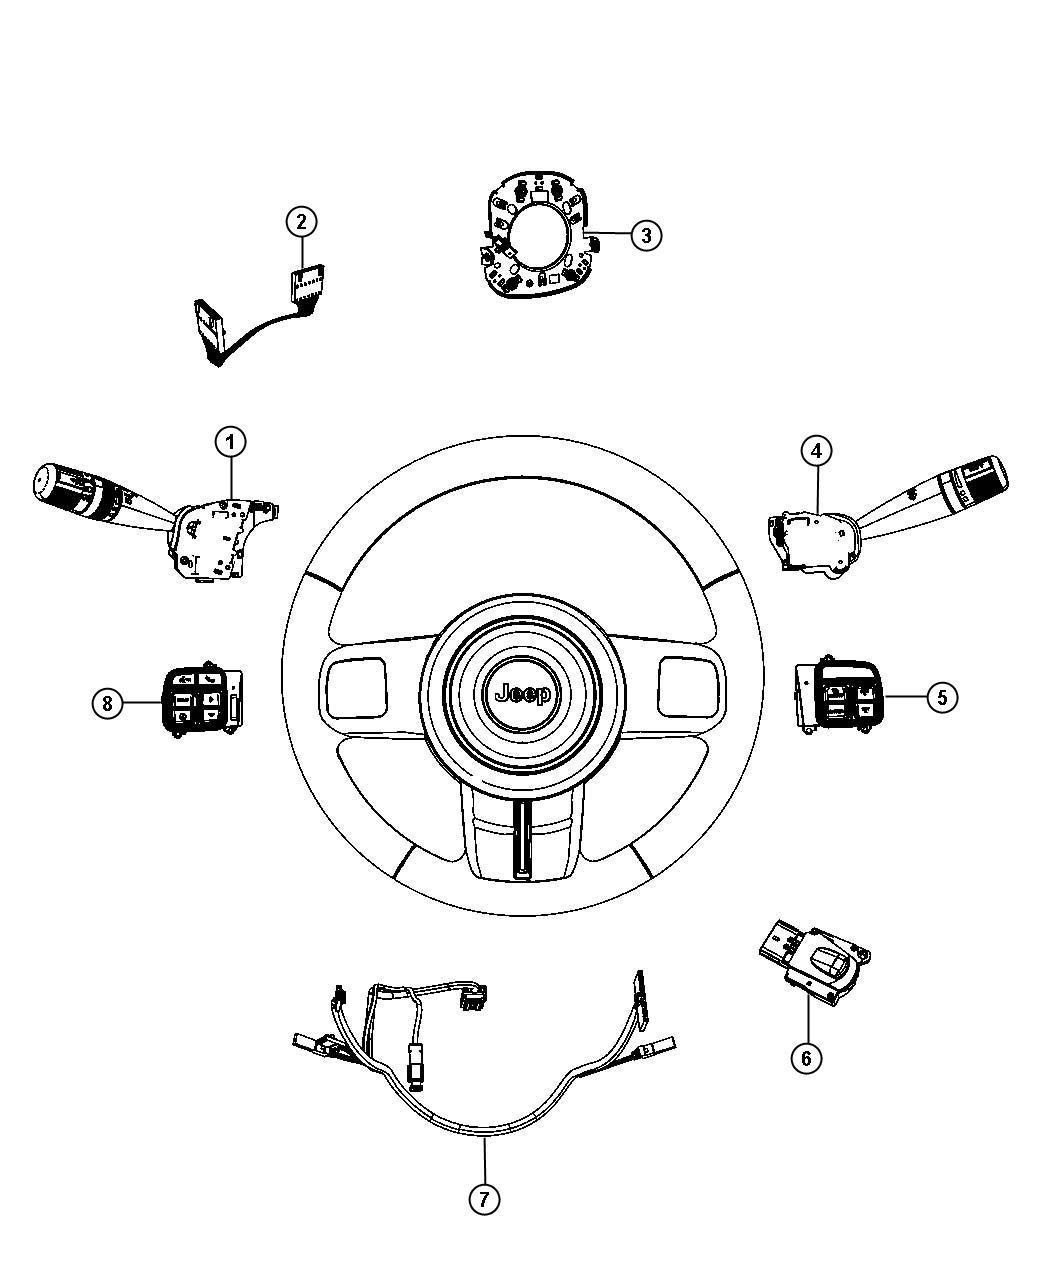 tags: #1988 jeep cherokee engine#1988 jeep cherokee wagoneer#1988 jeep  cherokee limited 4wd#1988 jeep cherokee wiring diagram#jeep cherokee horn